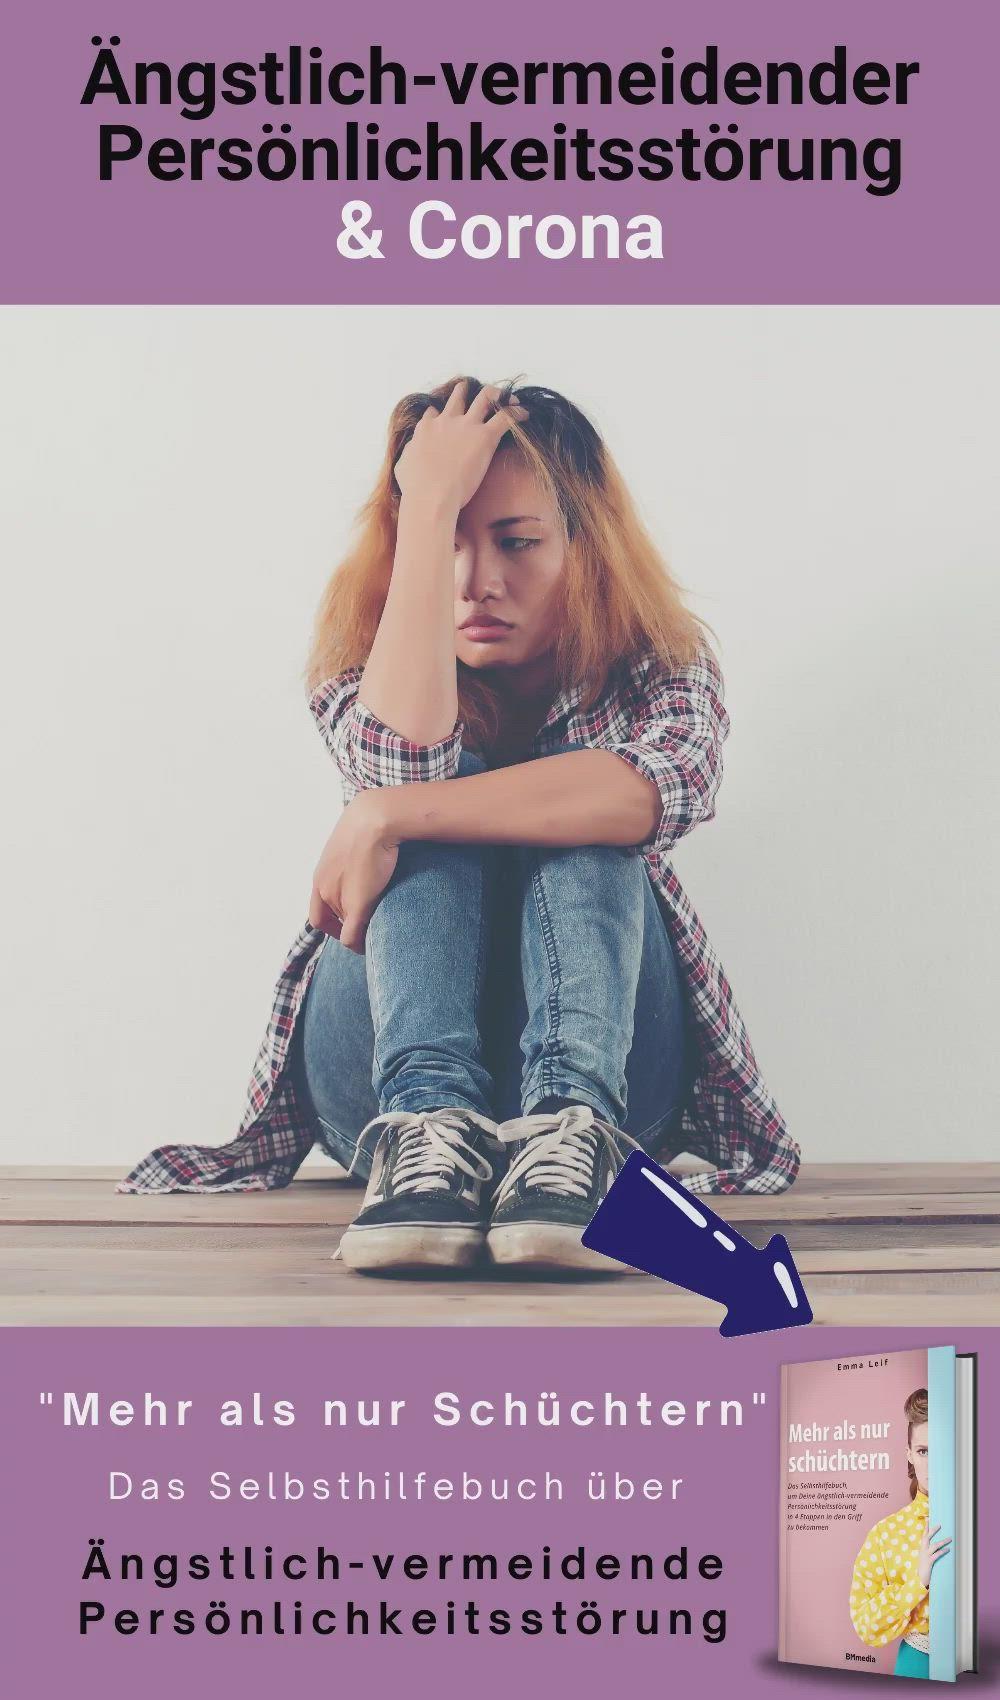 Vermeidende persönlichkeitsstörung sexualität ängstlich Psychoanalyse (Definition;